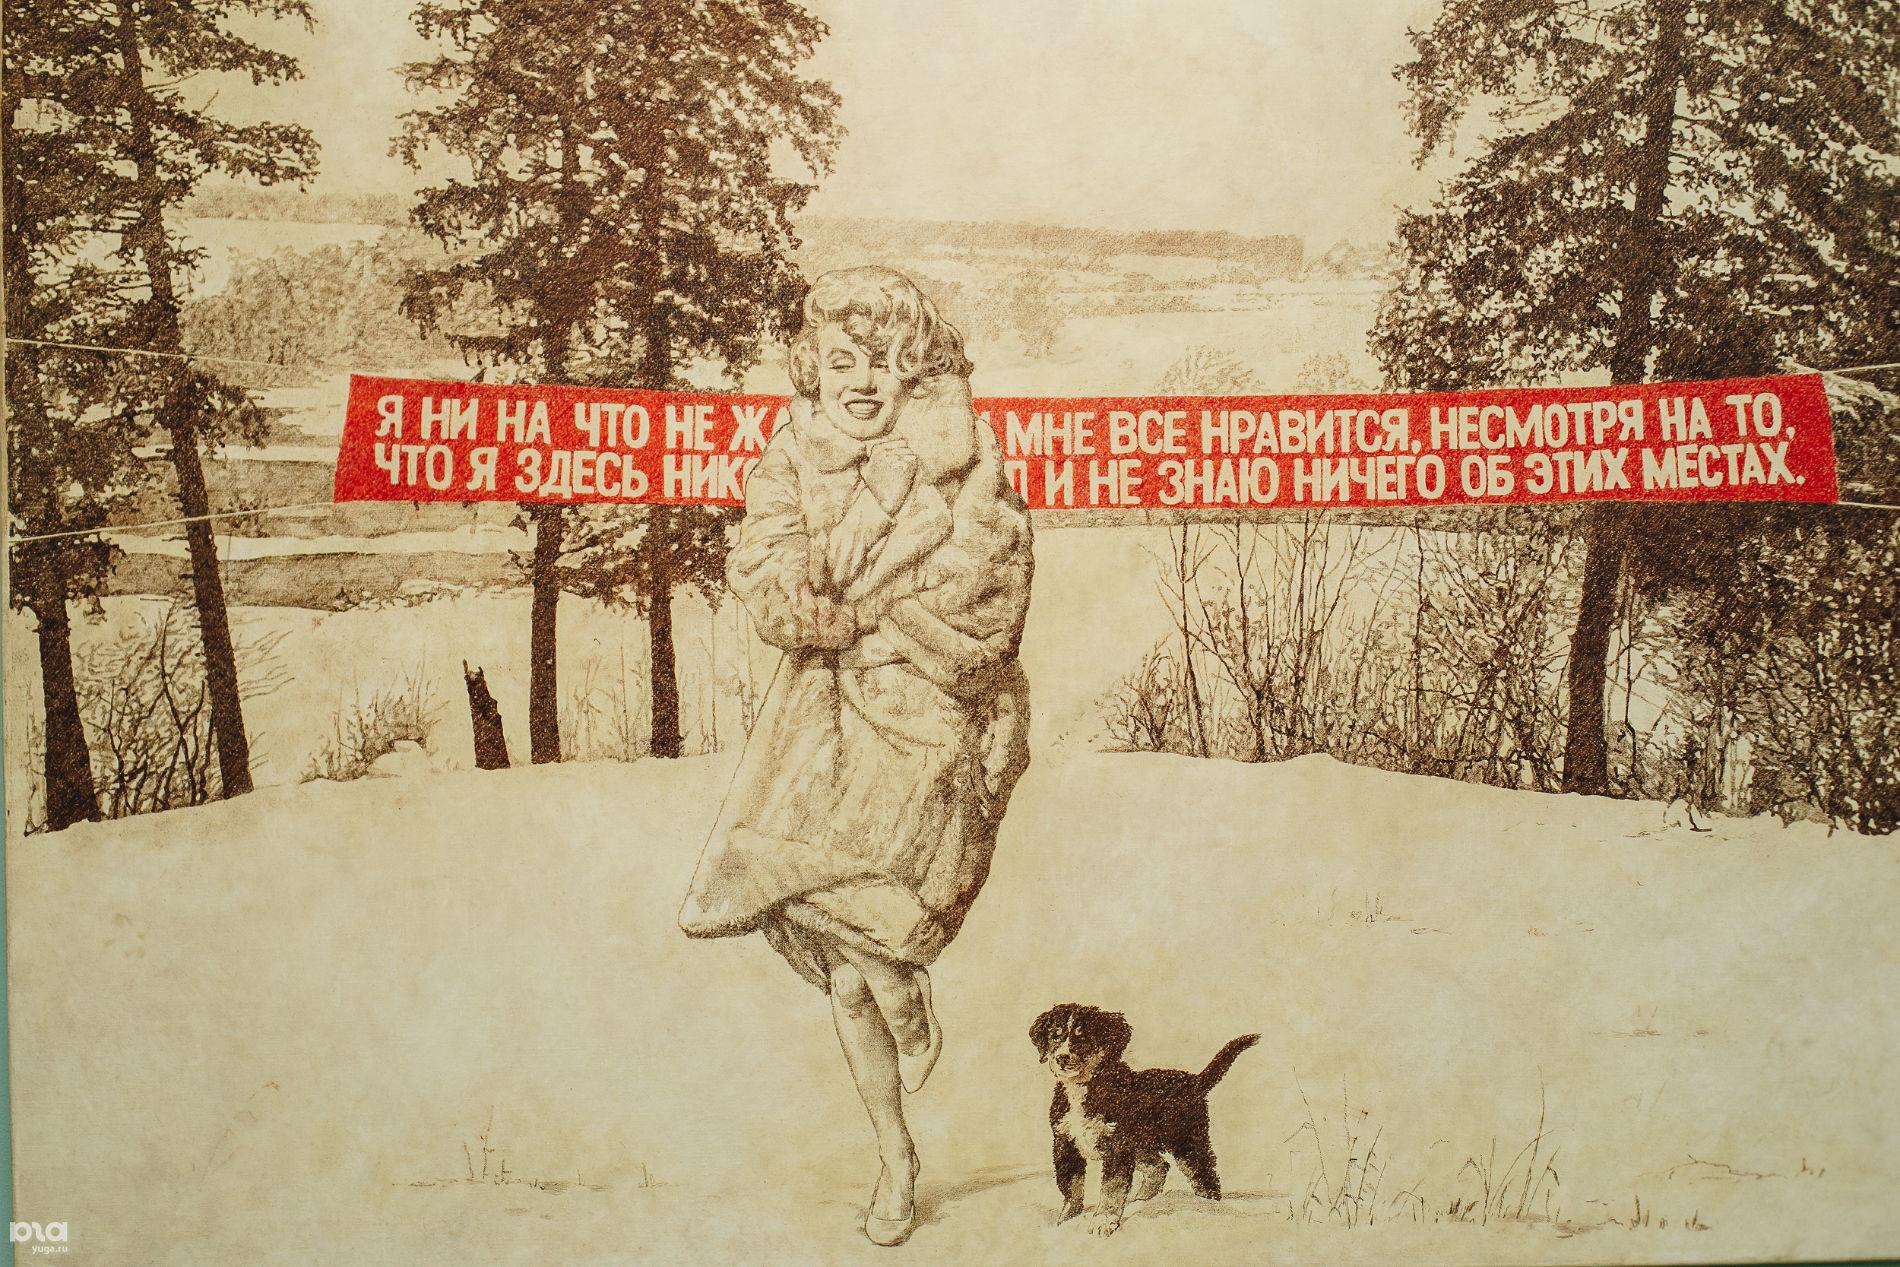 Фотография с открытия выставок Владимира Колесникова и Александра Чурсина